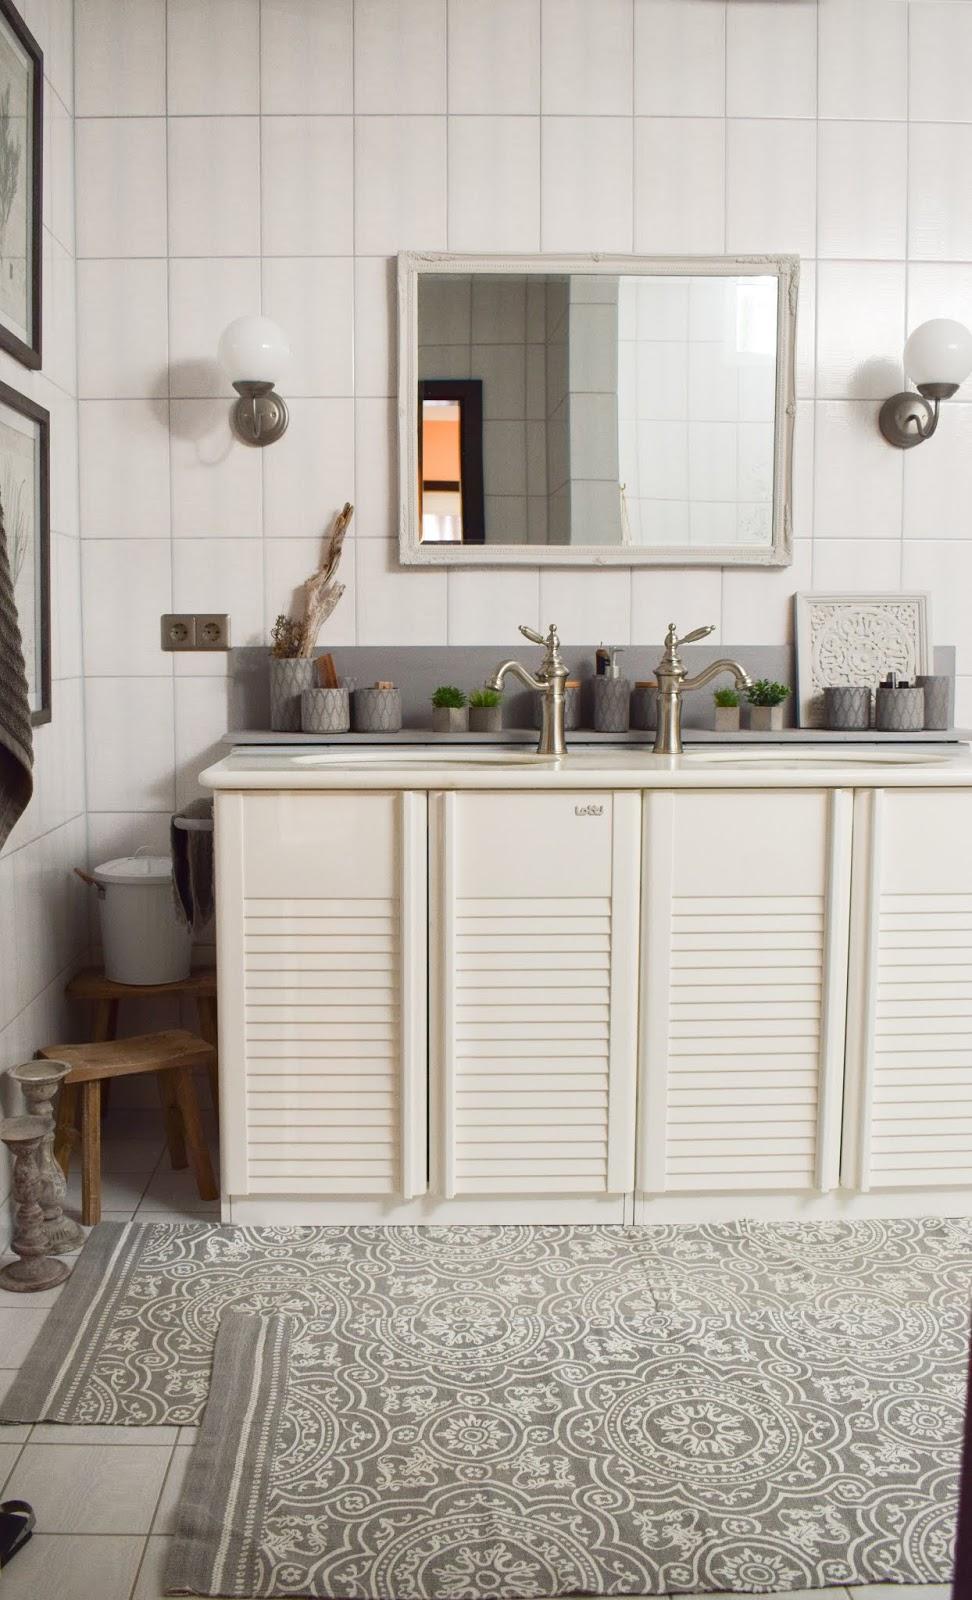 Badezimmer Ideen Deko Bad Renovierung Selber Machen Dekoideen Fur Ein Stilvolles Badezimmer Einrichten Aufwerten Diy Mobel Einfach Renovierung Schone Zuhause